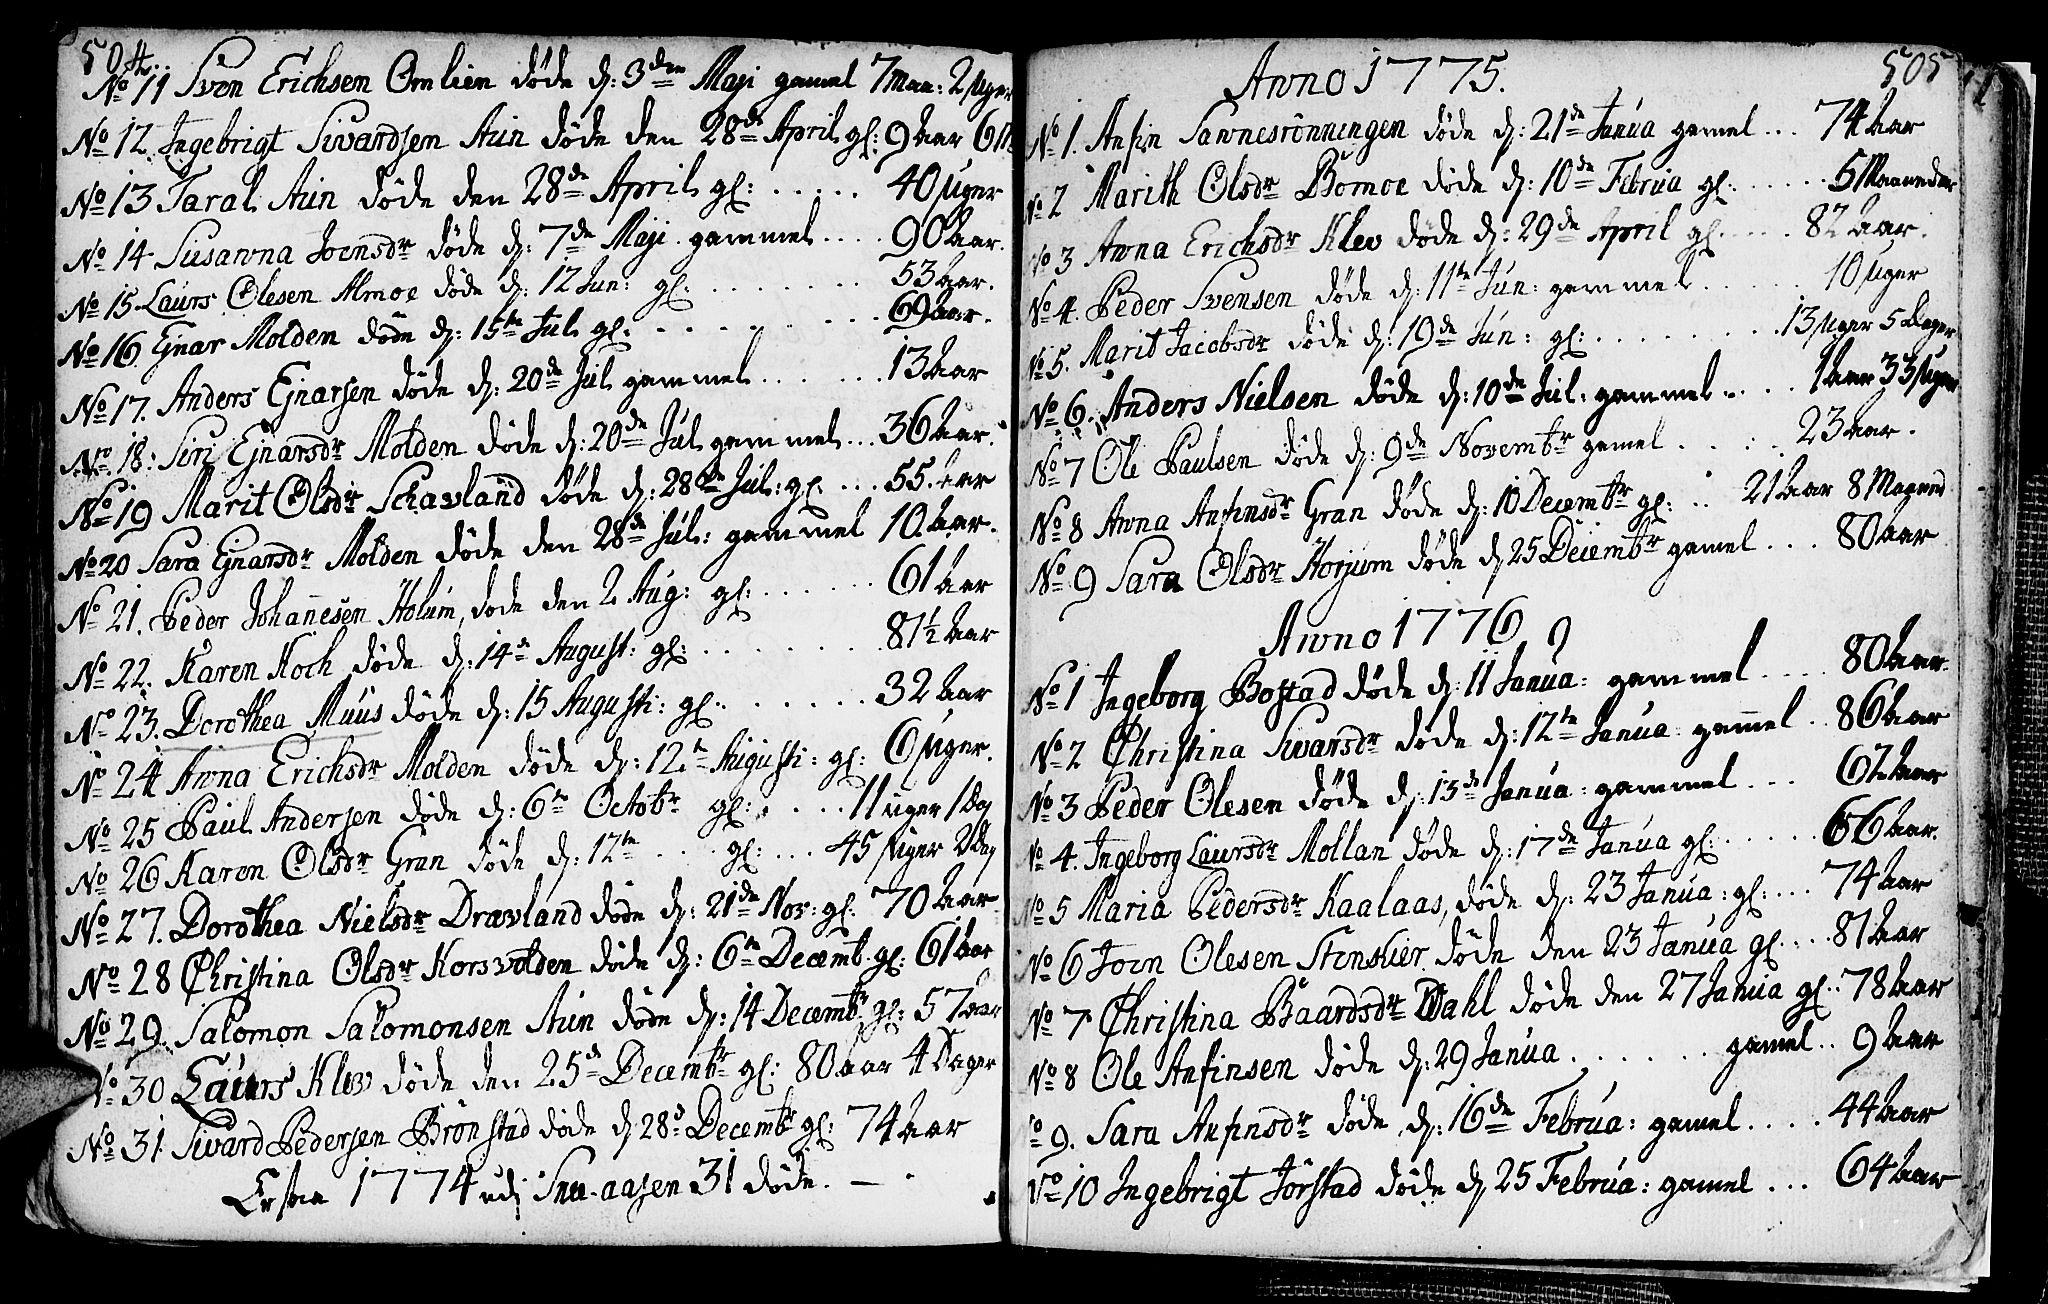 SAT, Ministerialprotokoller, klokkerbøker og fødselsregistre - Nord-Trøndelag, 749/L0467: Ministerialbok nr. 749A01, 1733-1787, s. 504-505